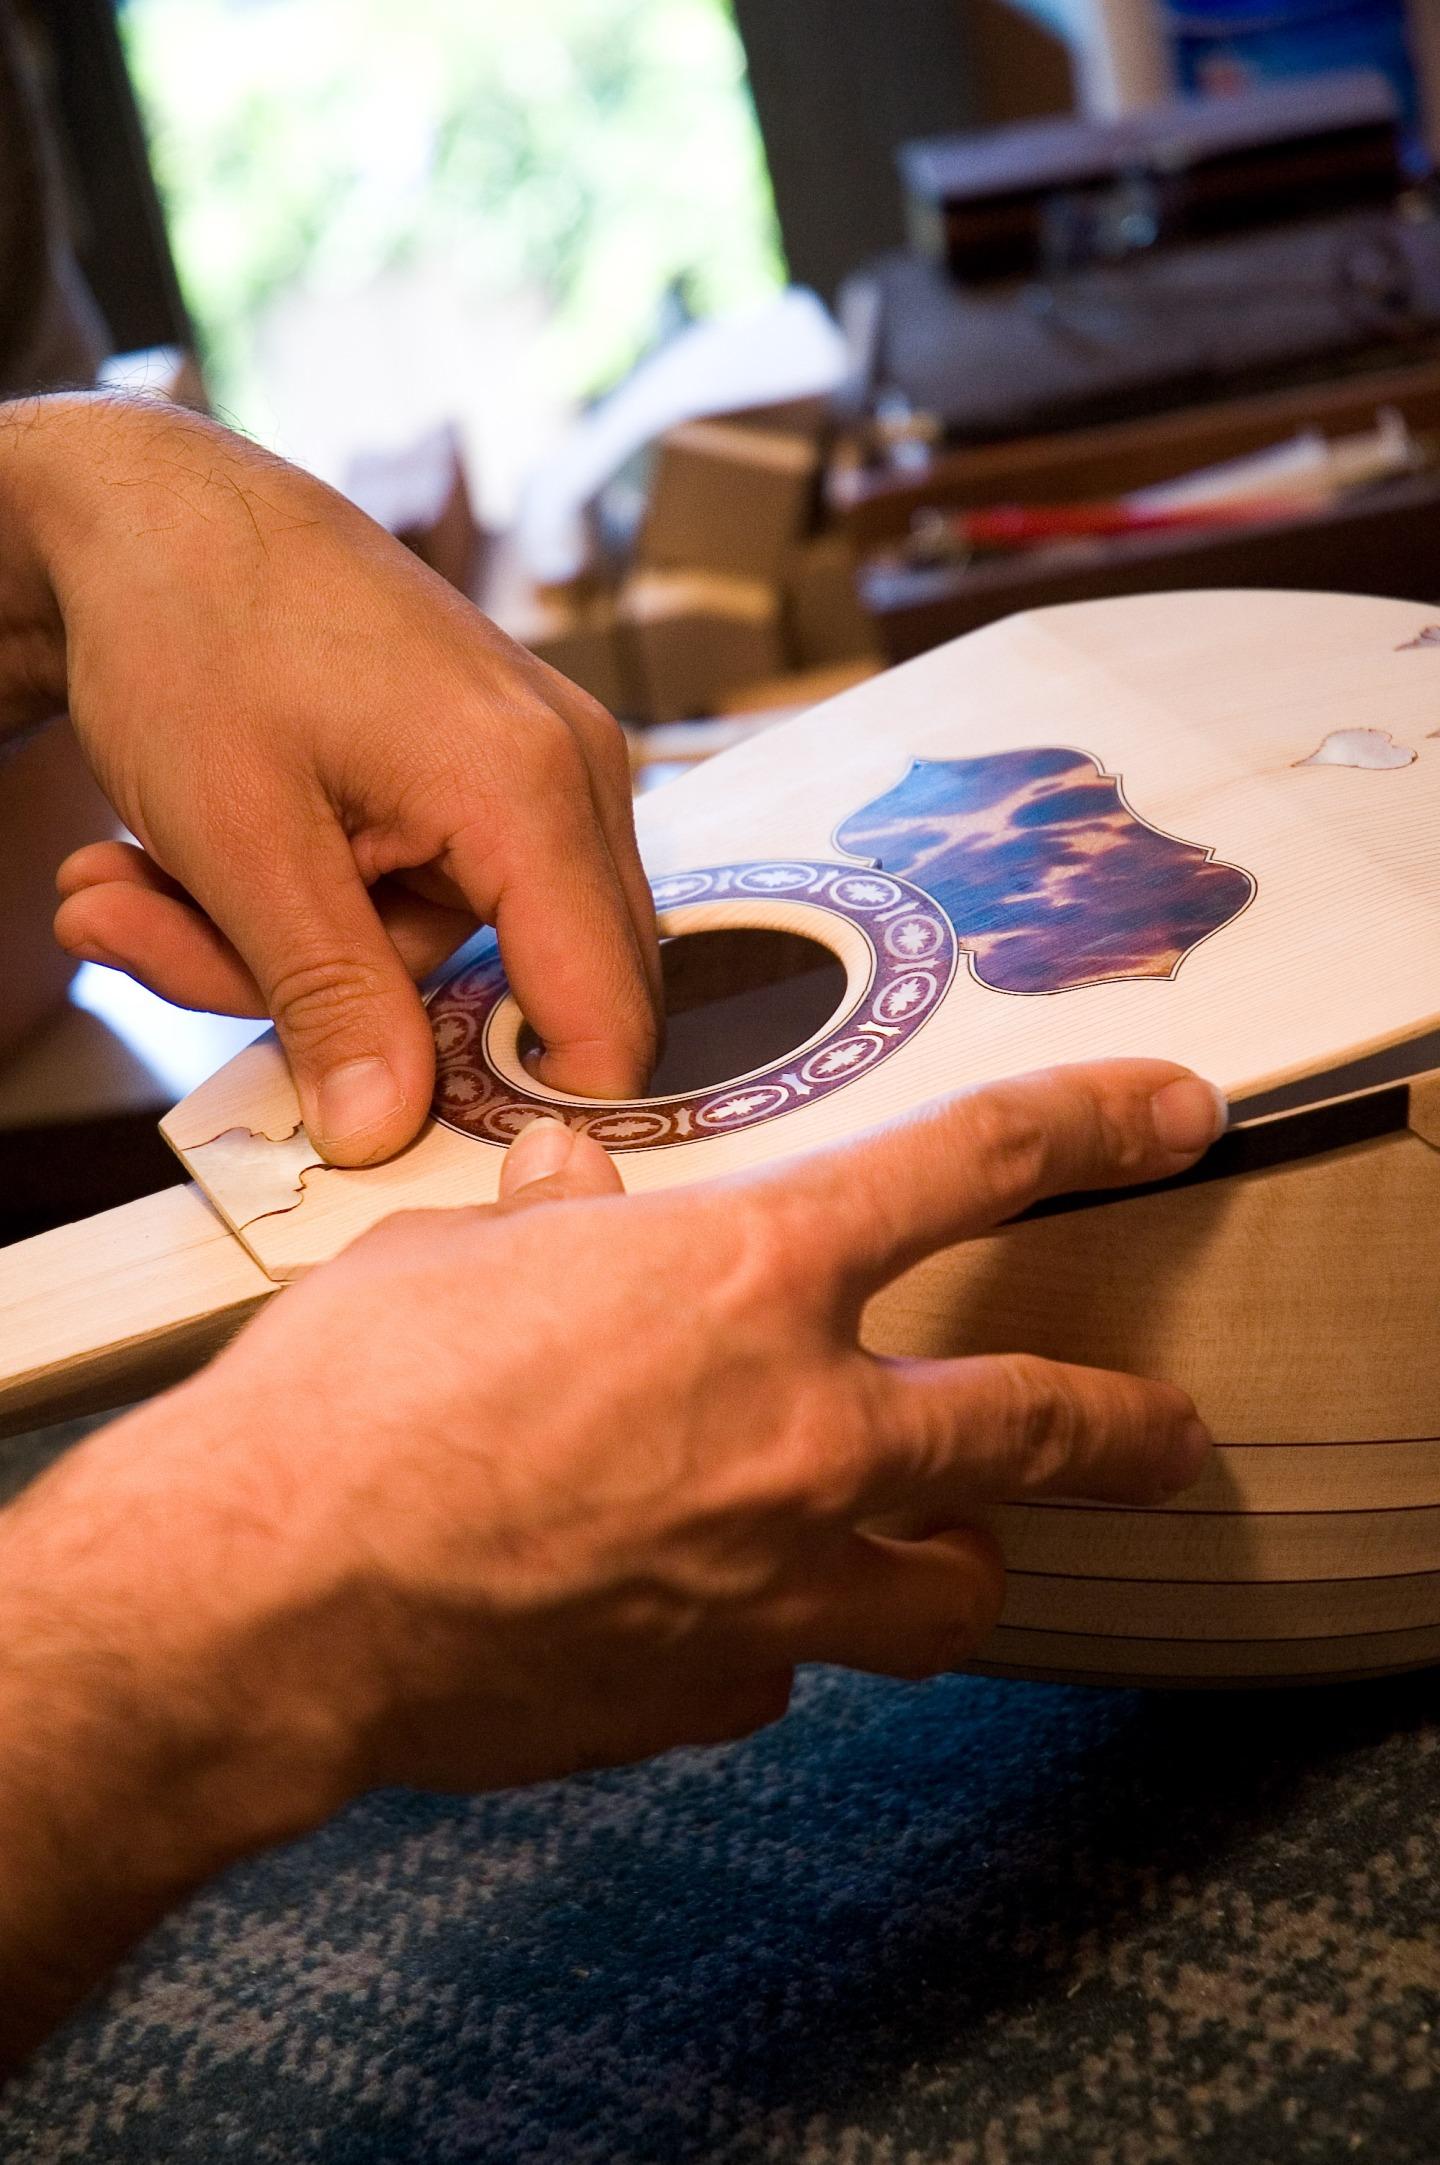 assemblaggio-mandolino-liuteria-gabrielli